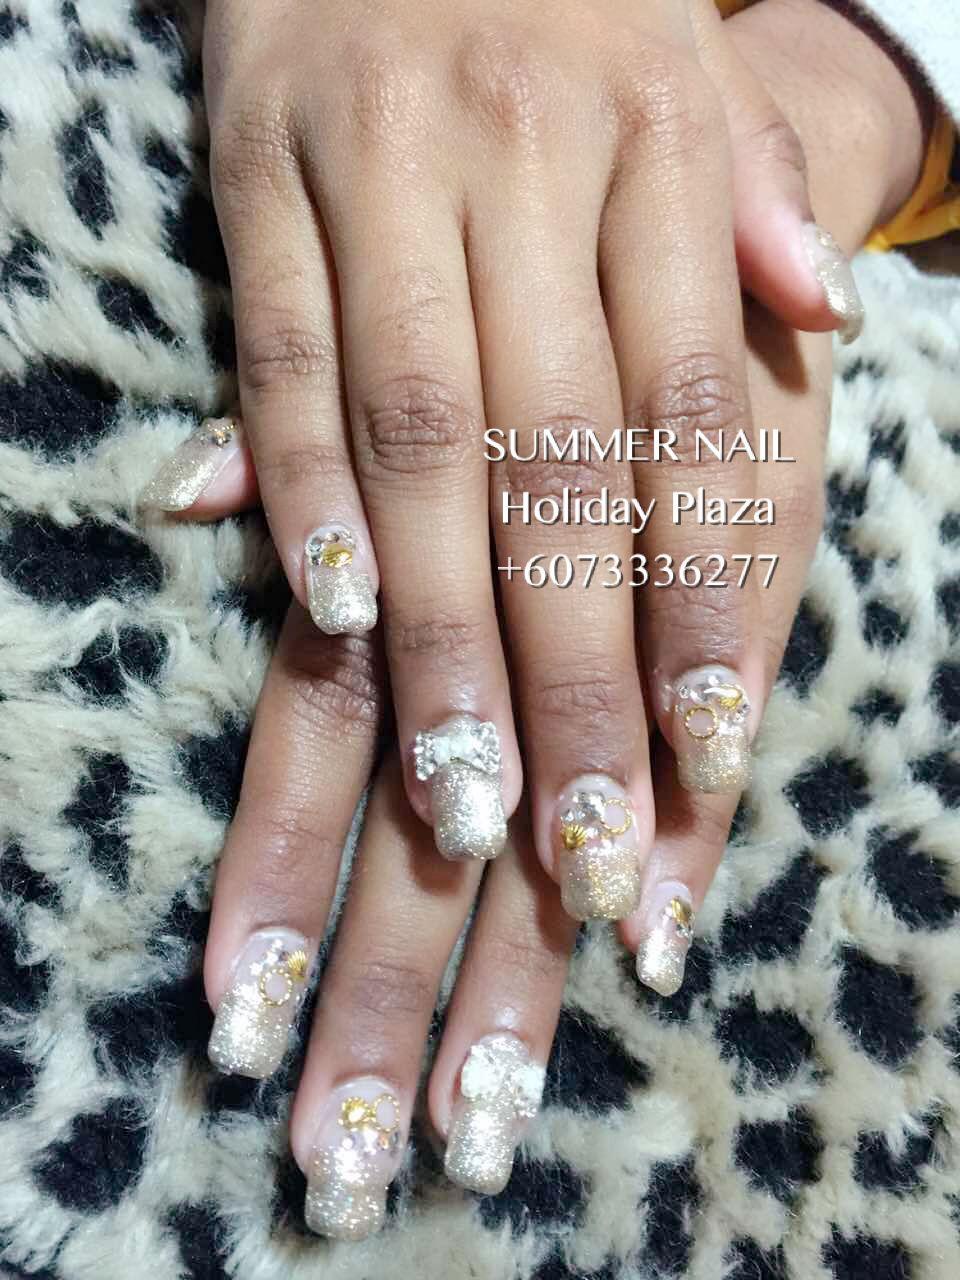 Summer Nail Wedding Nails Design Summer Nails Bridal Nails